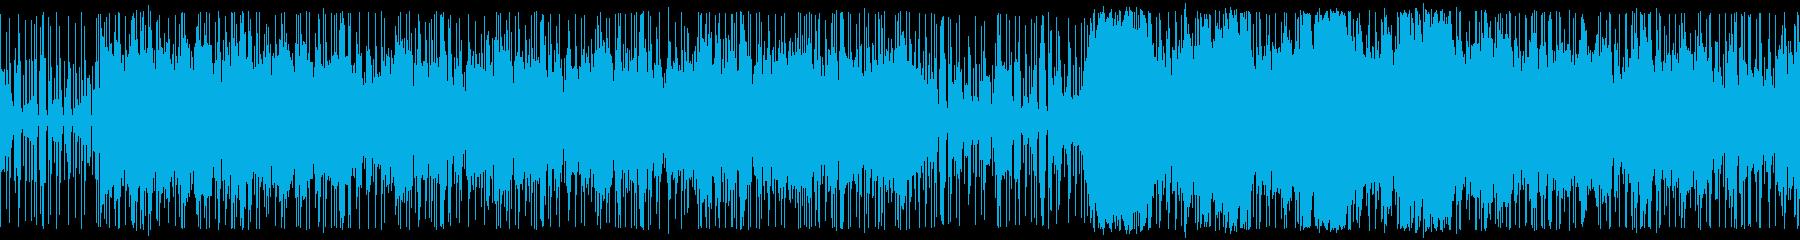 近未来 絶体絶命の脱出劇 ループ仕様の再生済みの波形